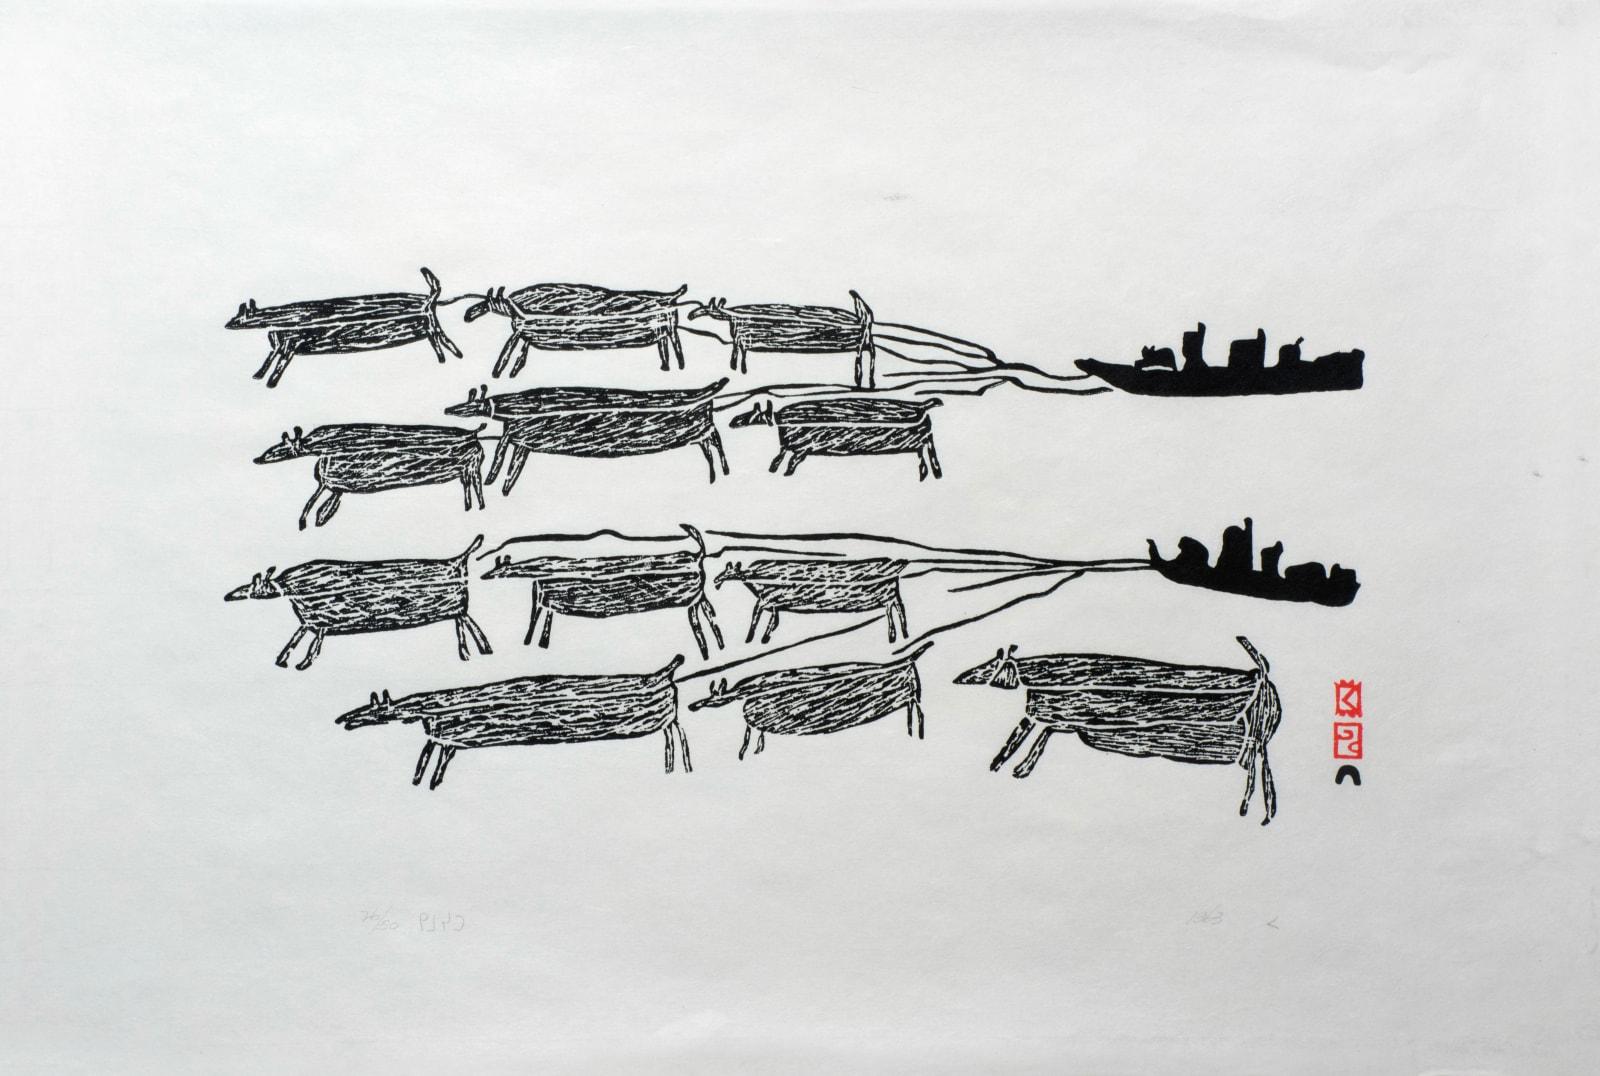 PARR (1893-1969) KINNGAIT (CAPE DORSET) Dog Teams, 1963 #45 stonecut, 17 x 24.25 in (43.2 x 61.6 cm) $3,750